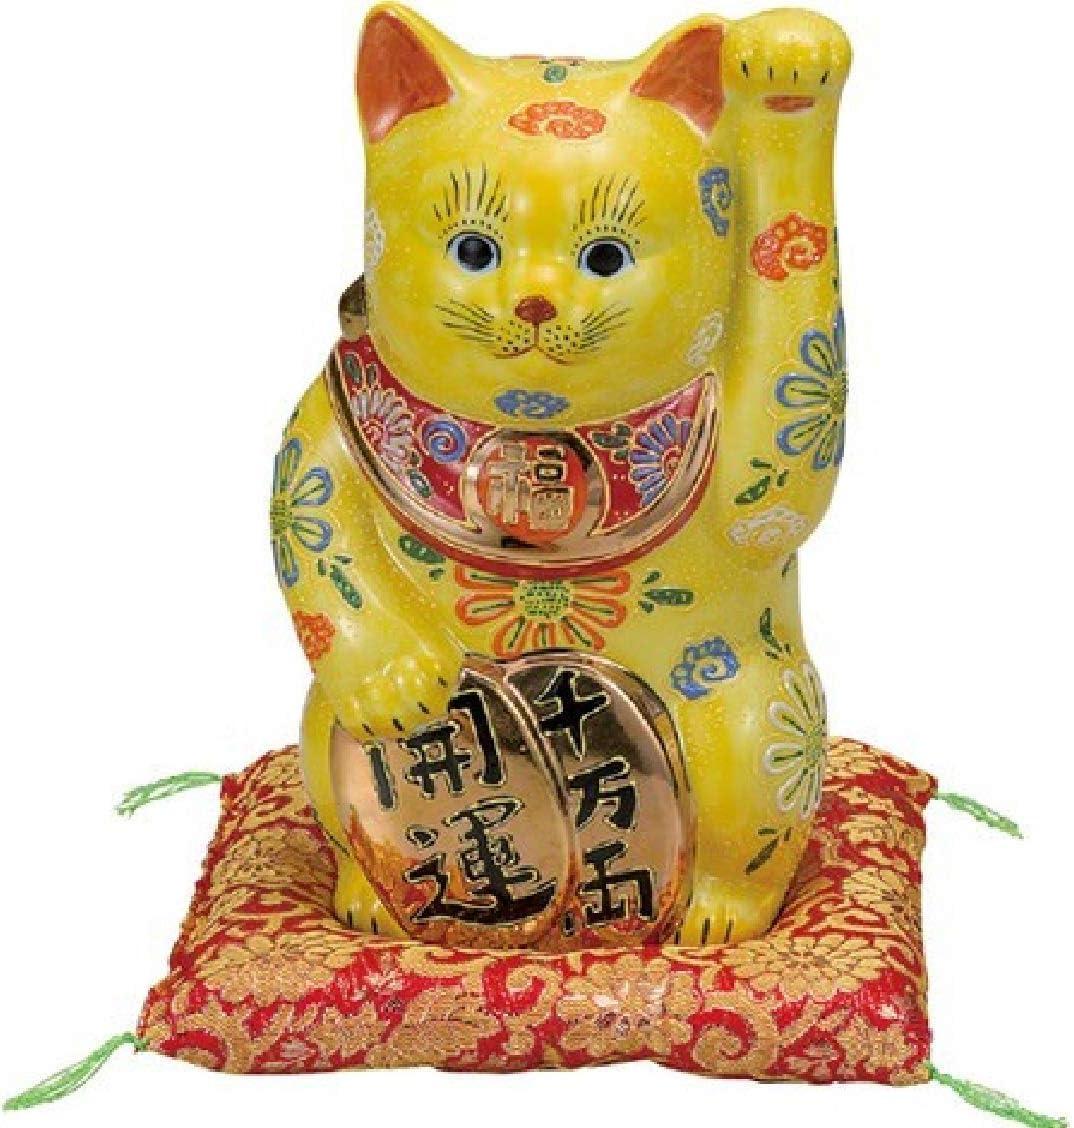 【九谷焼】 8号小判招猫(布団付) 黄盛 座布団付き 紙箱入り